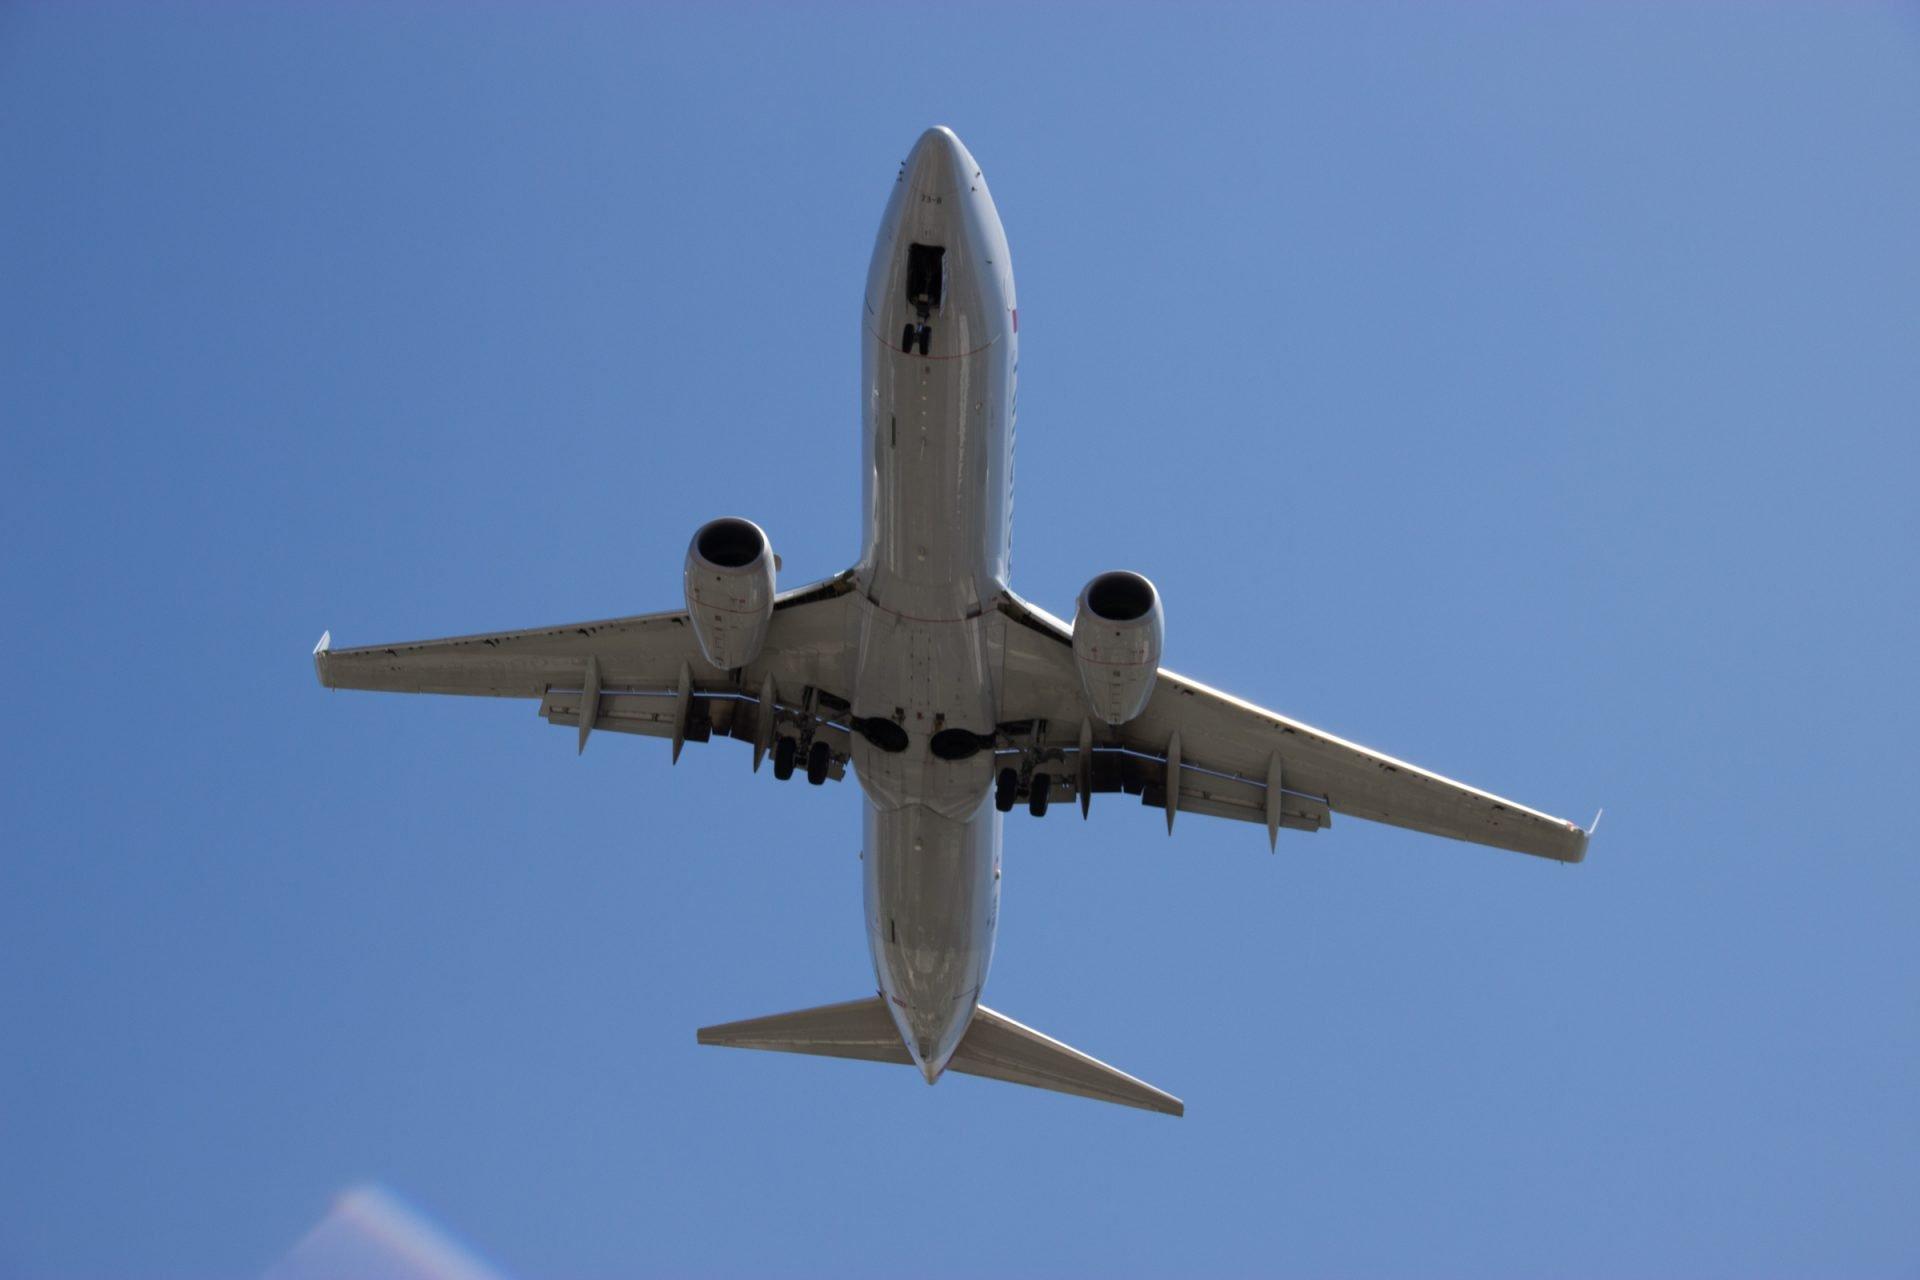 Underside of Flying Airplane